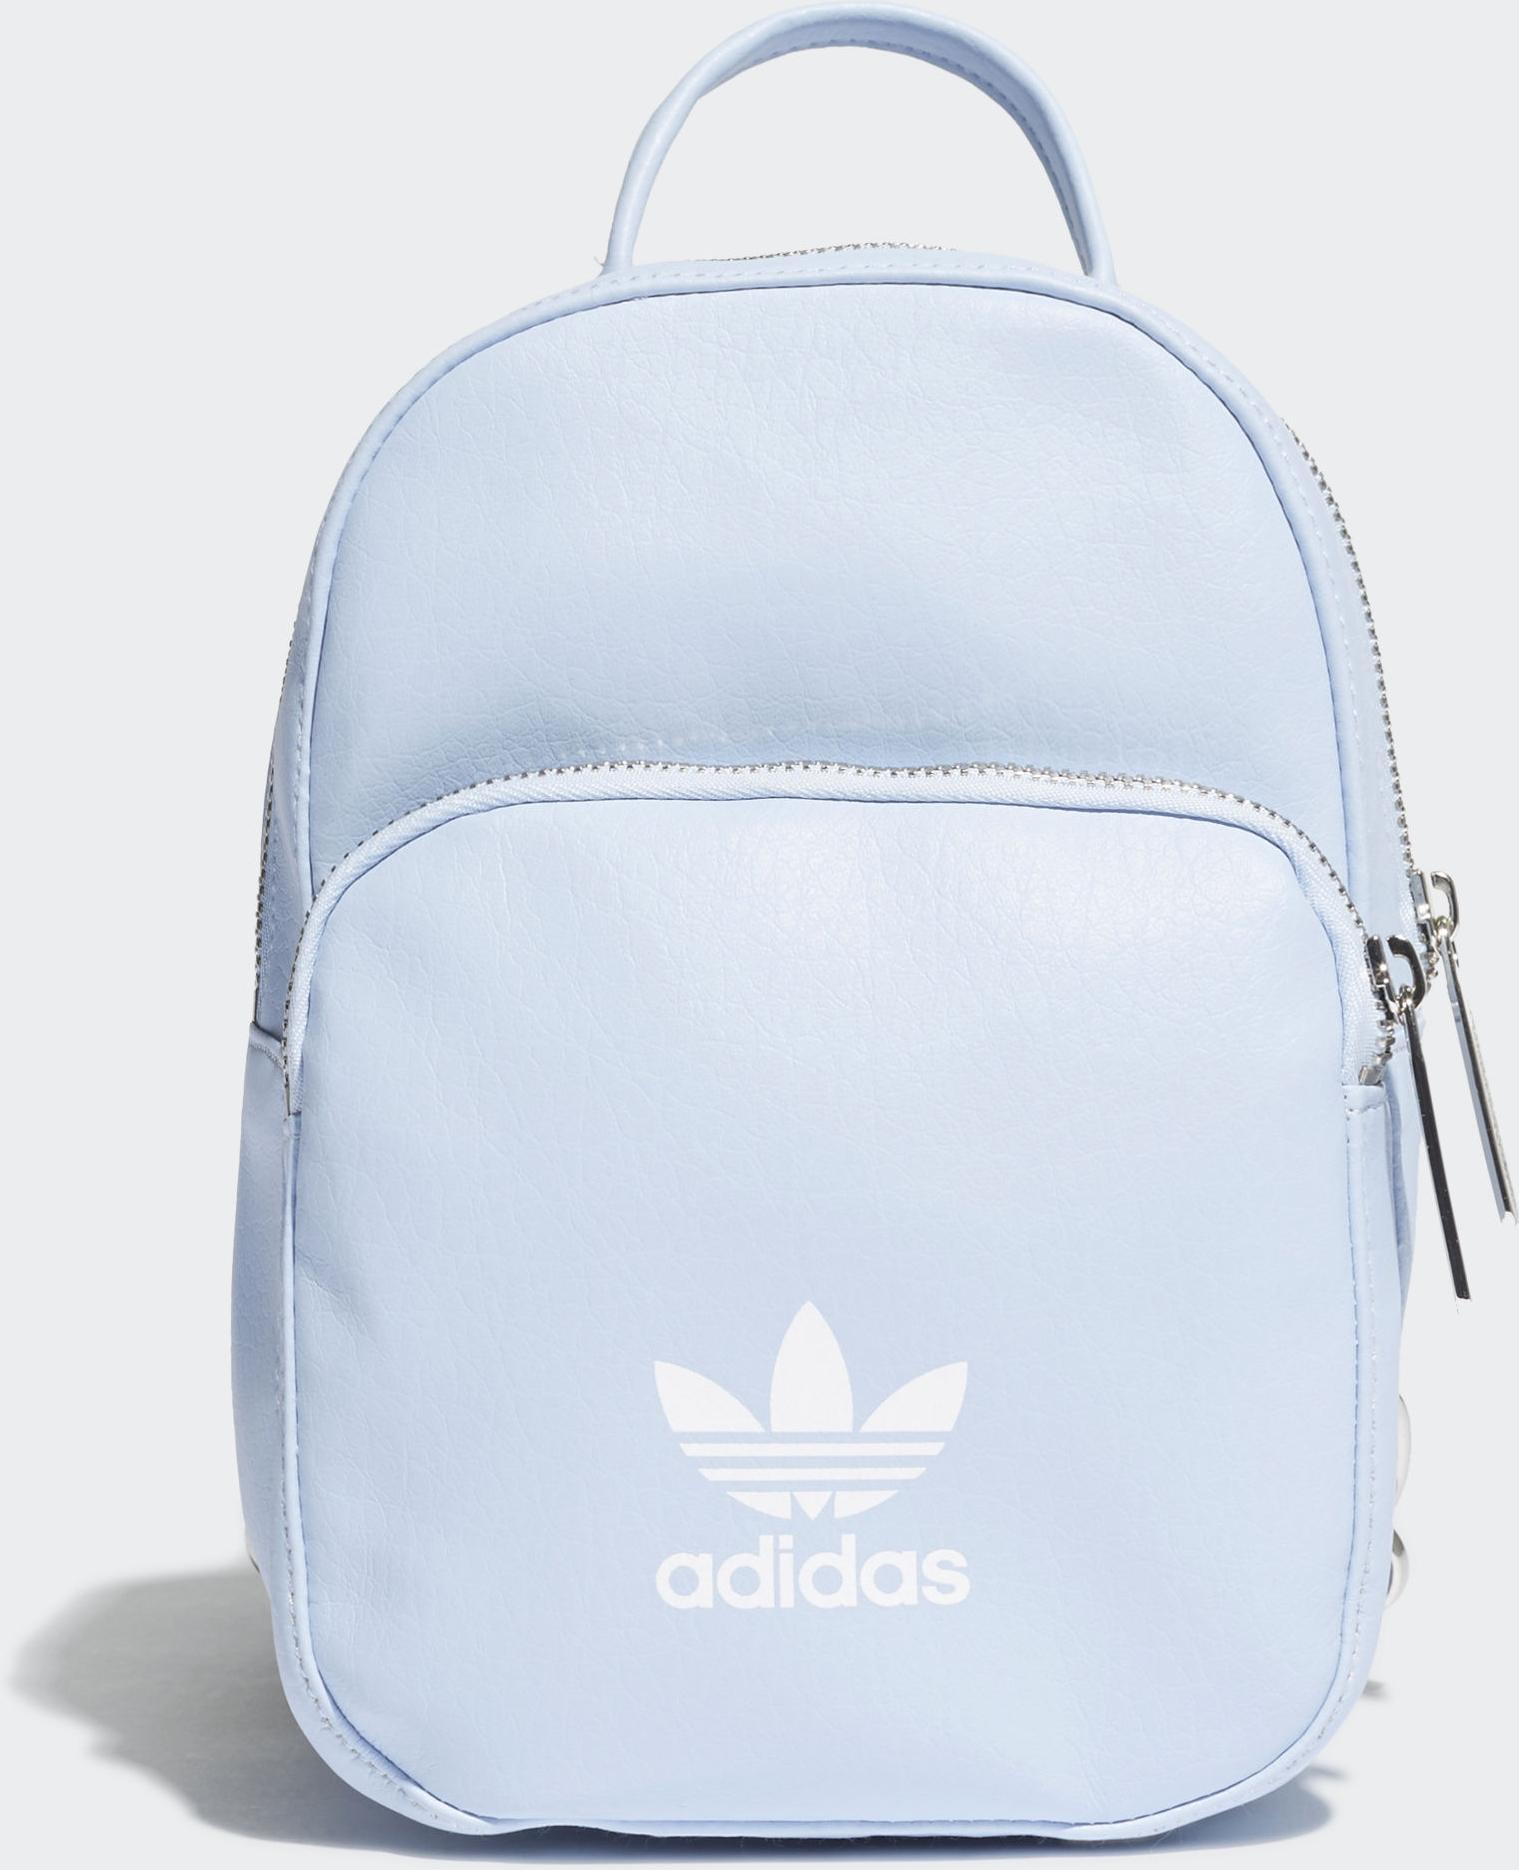 Рюкзак Adidas Bp Cl Xs, цвет: голубой. DU6810 рюкзак спортивный adidas цвет черный cf9007